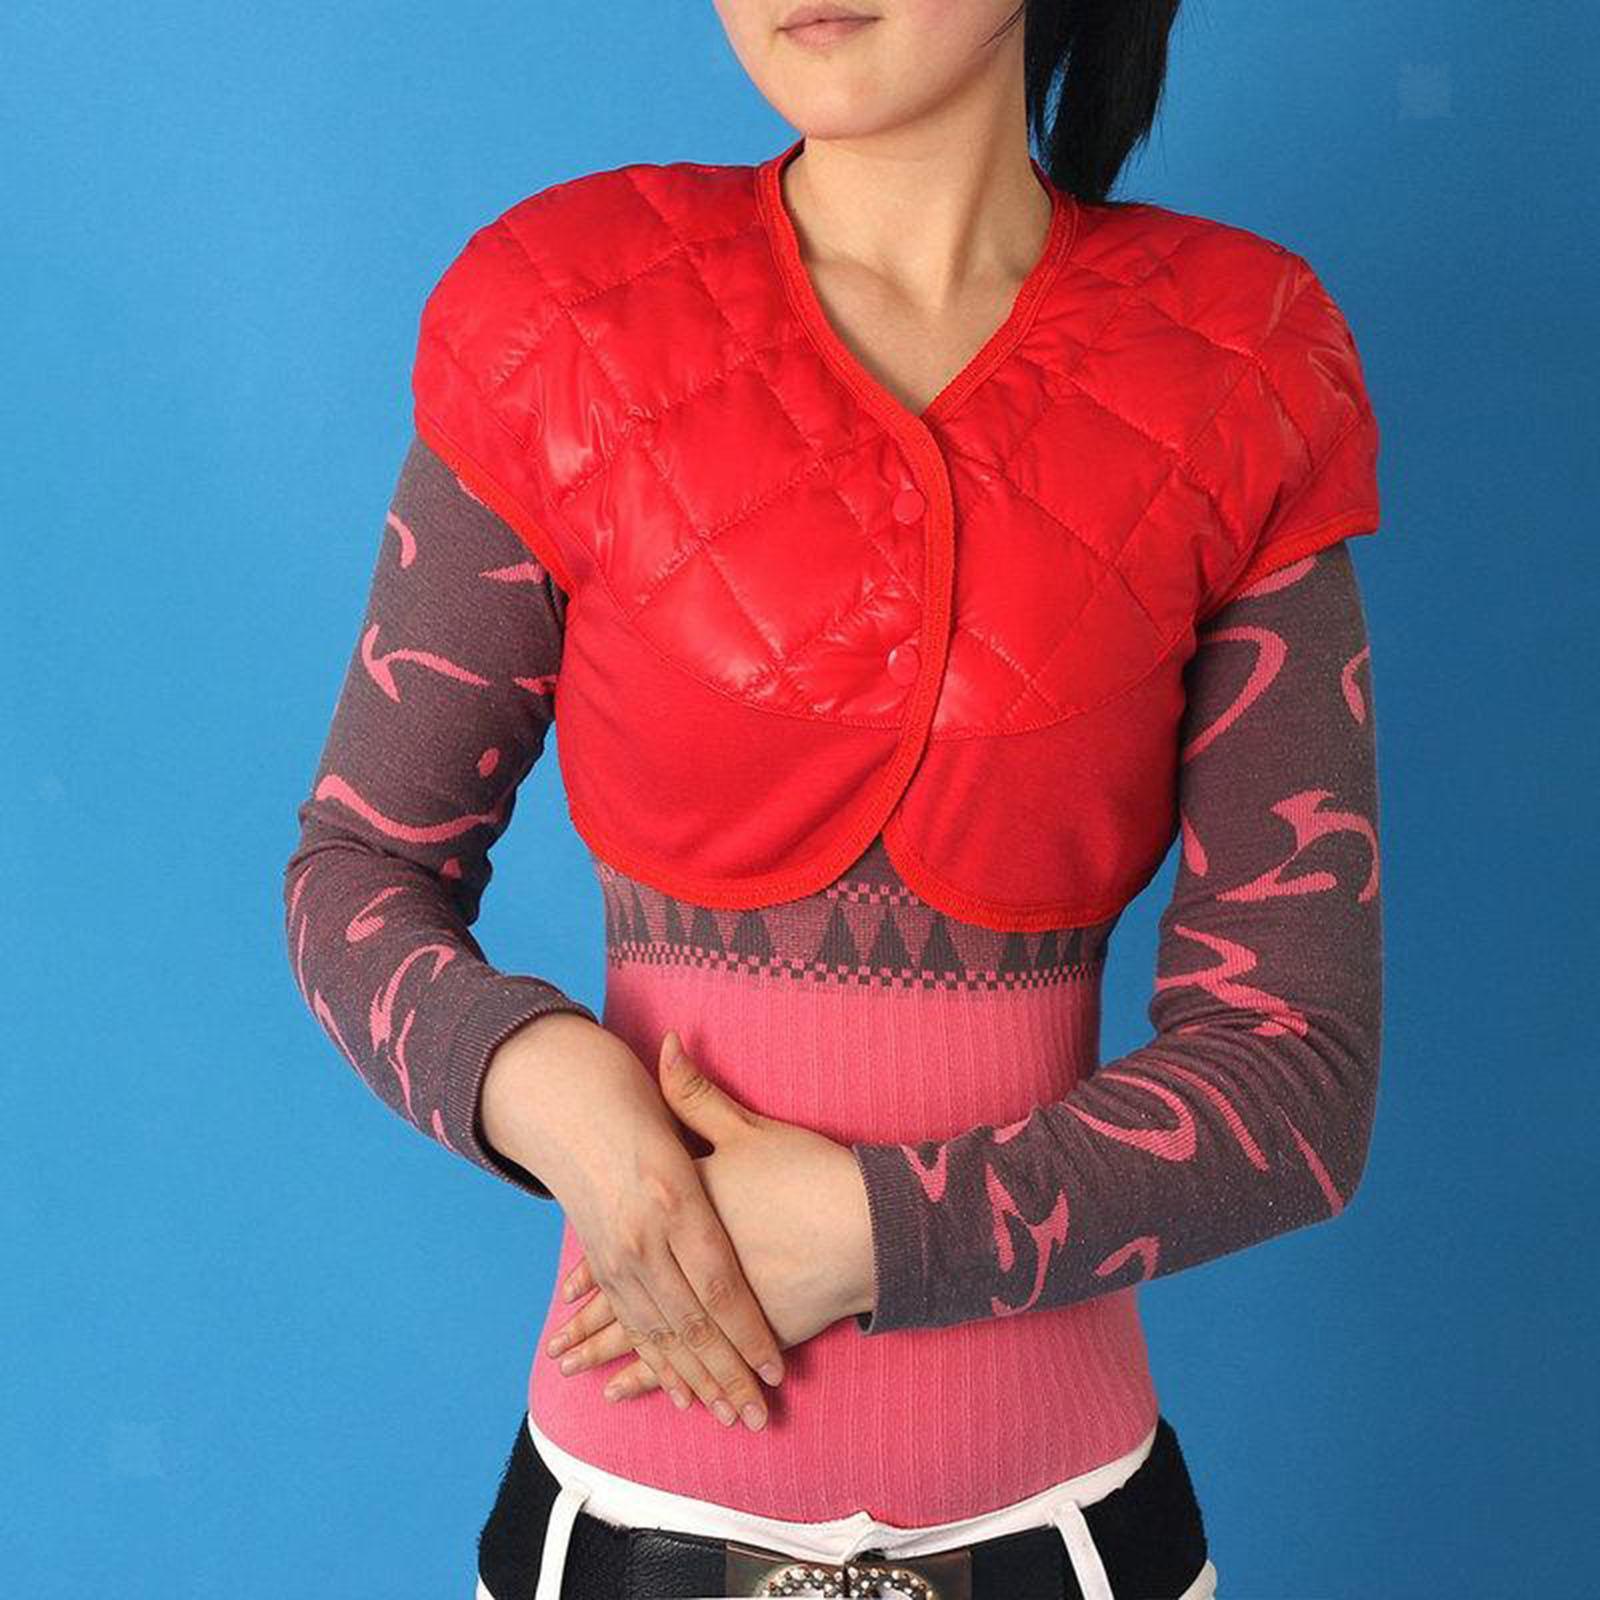 Femmes-Hommes-Down-Jacket-Chaud-Manteau-Court-Epaule-Chaud-Thermique-Wrap miniatura 29